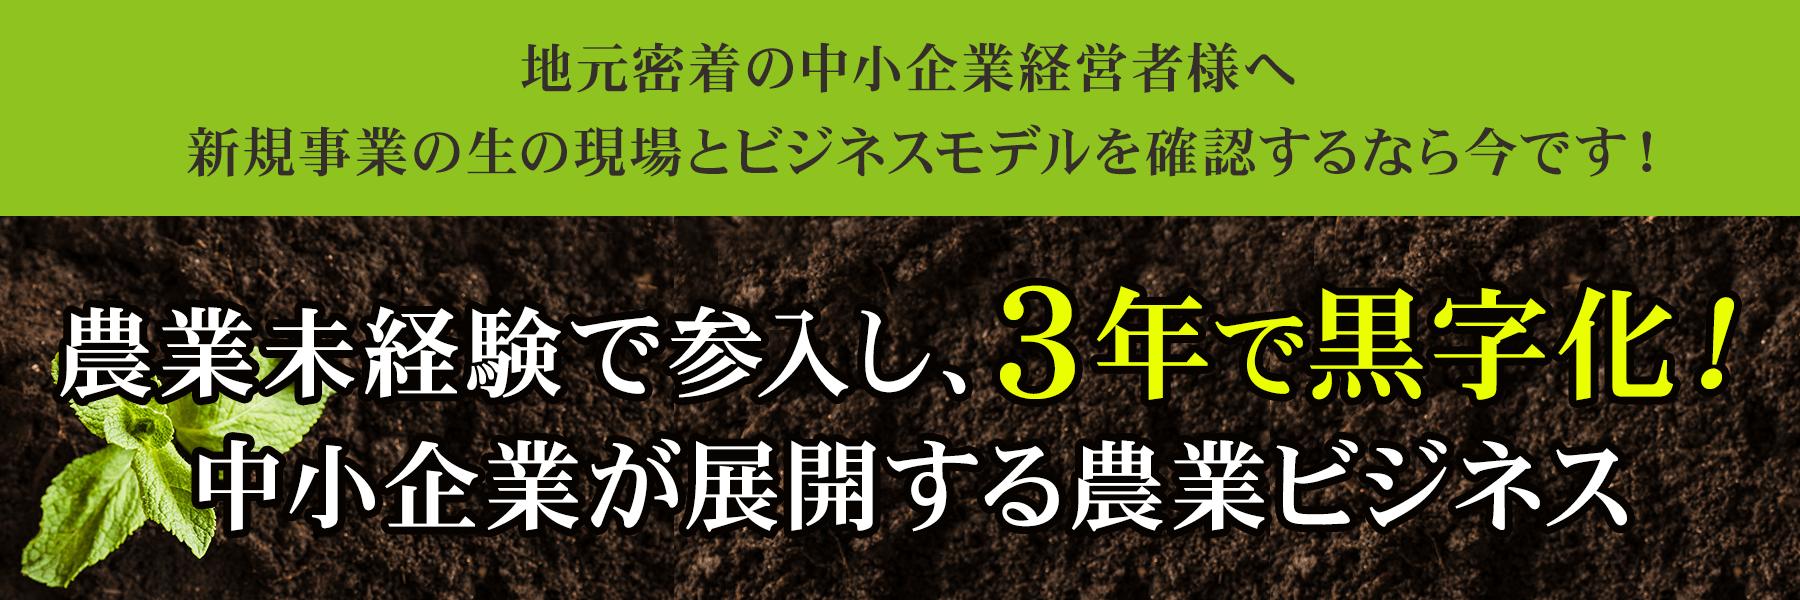 【全国3か所開催】第4・5・6回農業企業参入 現地視察セミナー